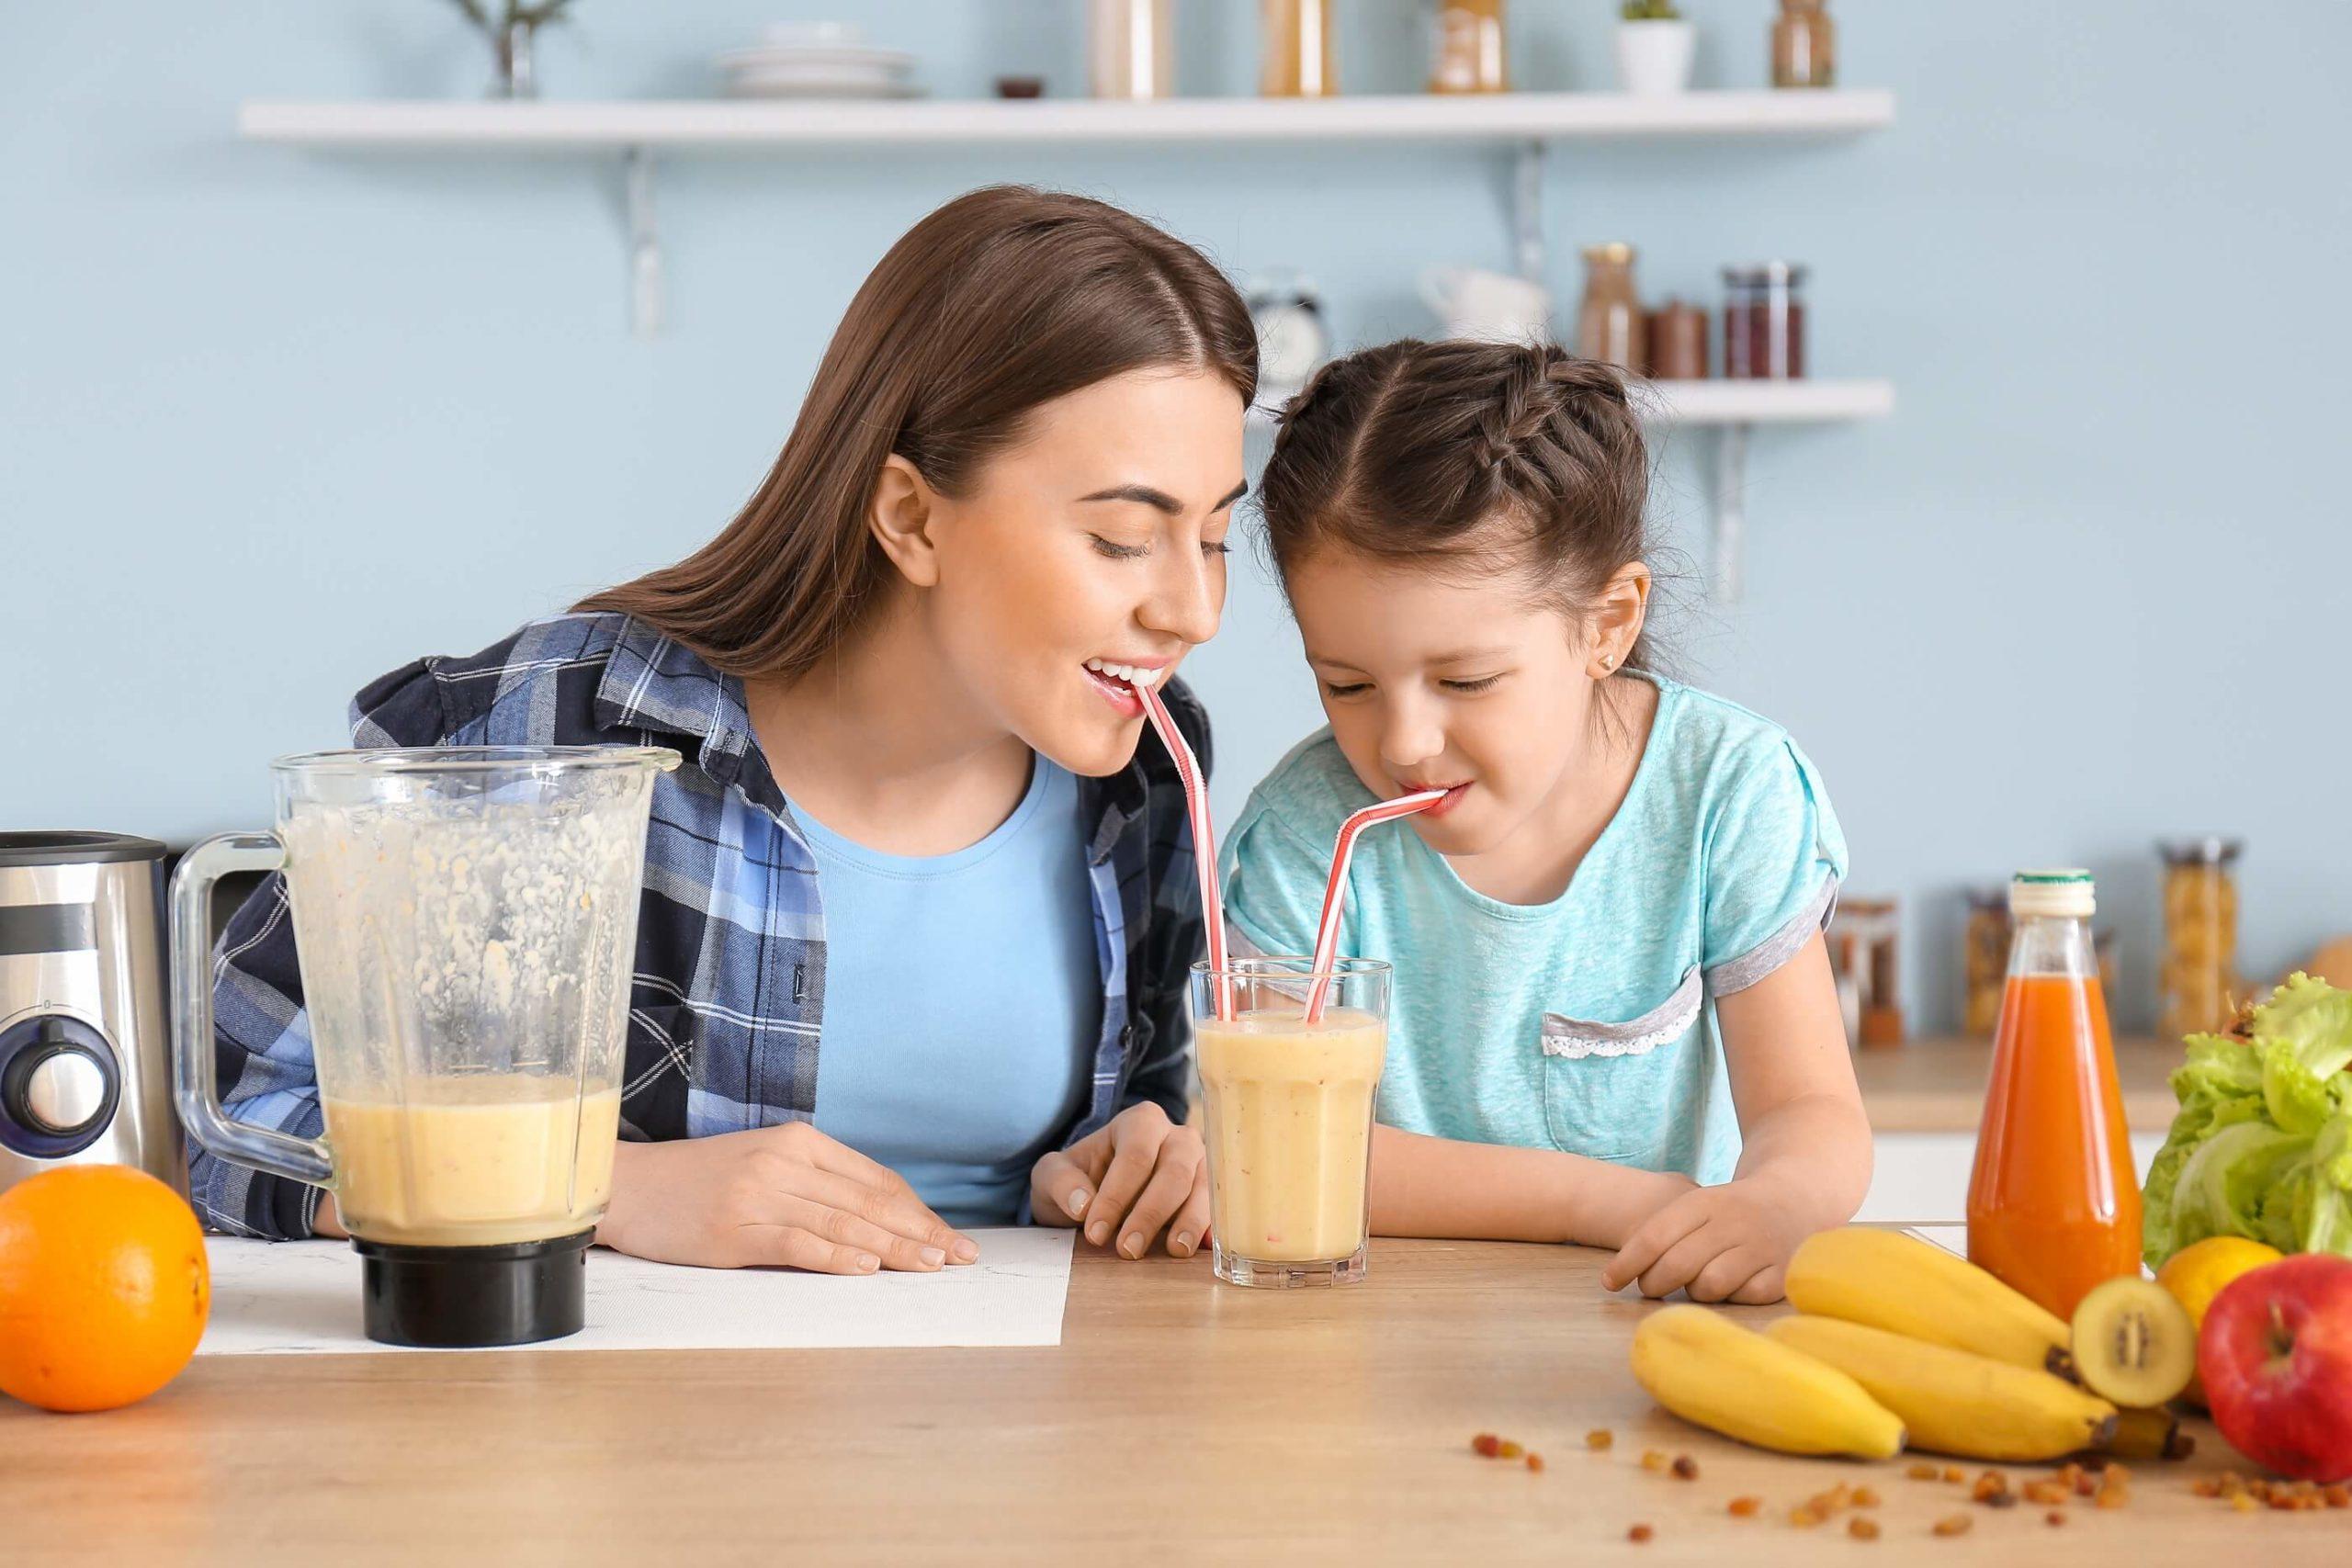 Mutter-und-Kind-trinken-zubereiteten-gesunden-Smoothie